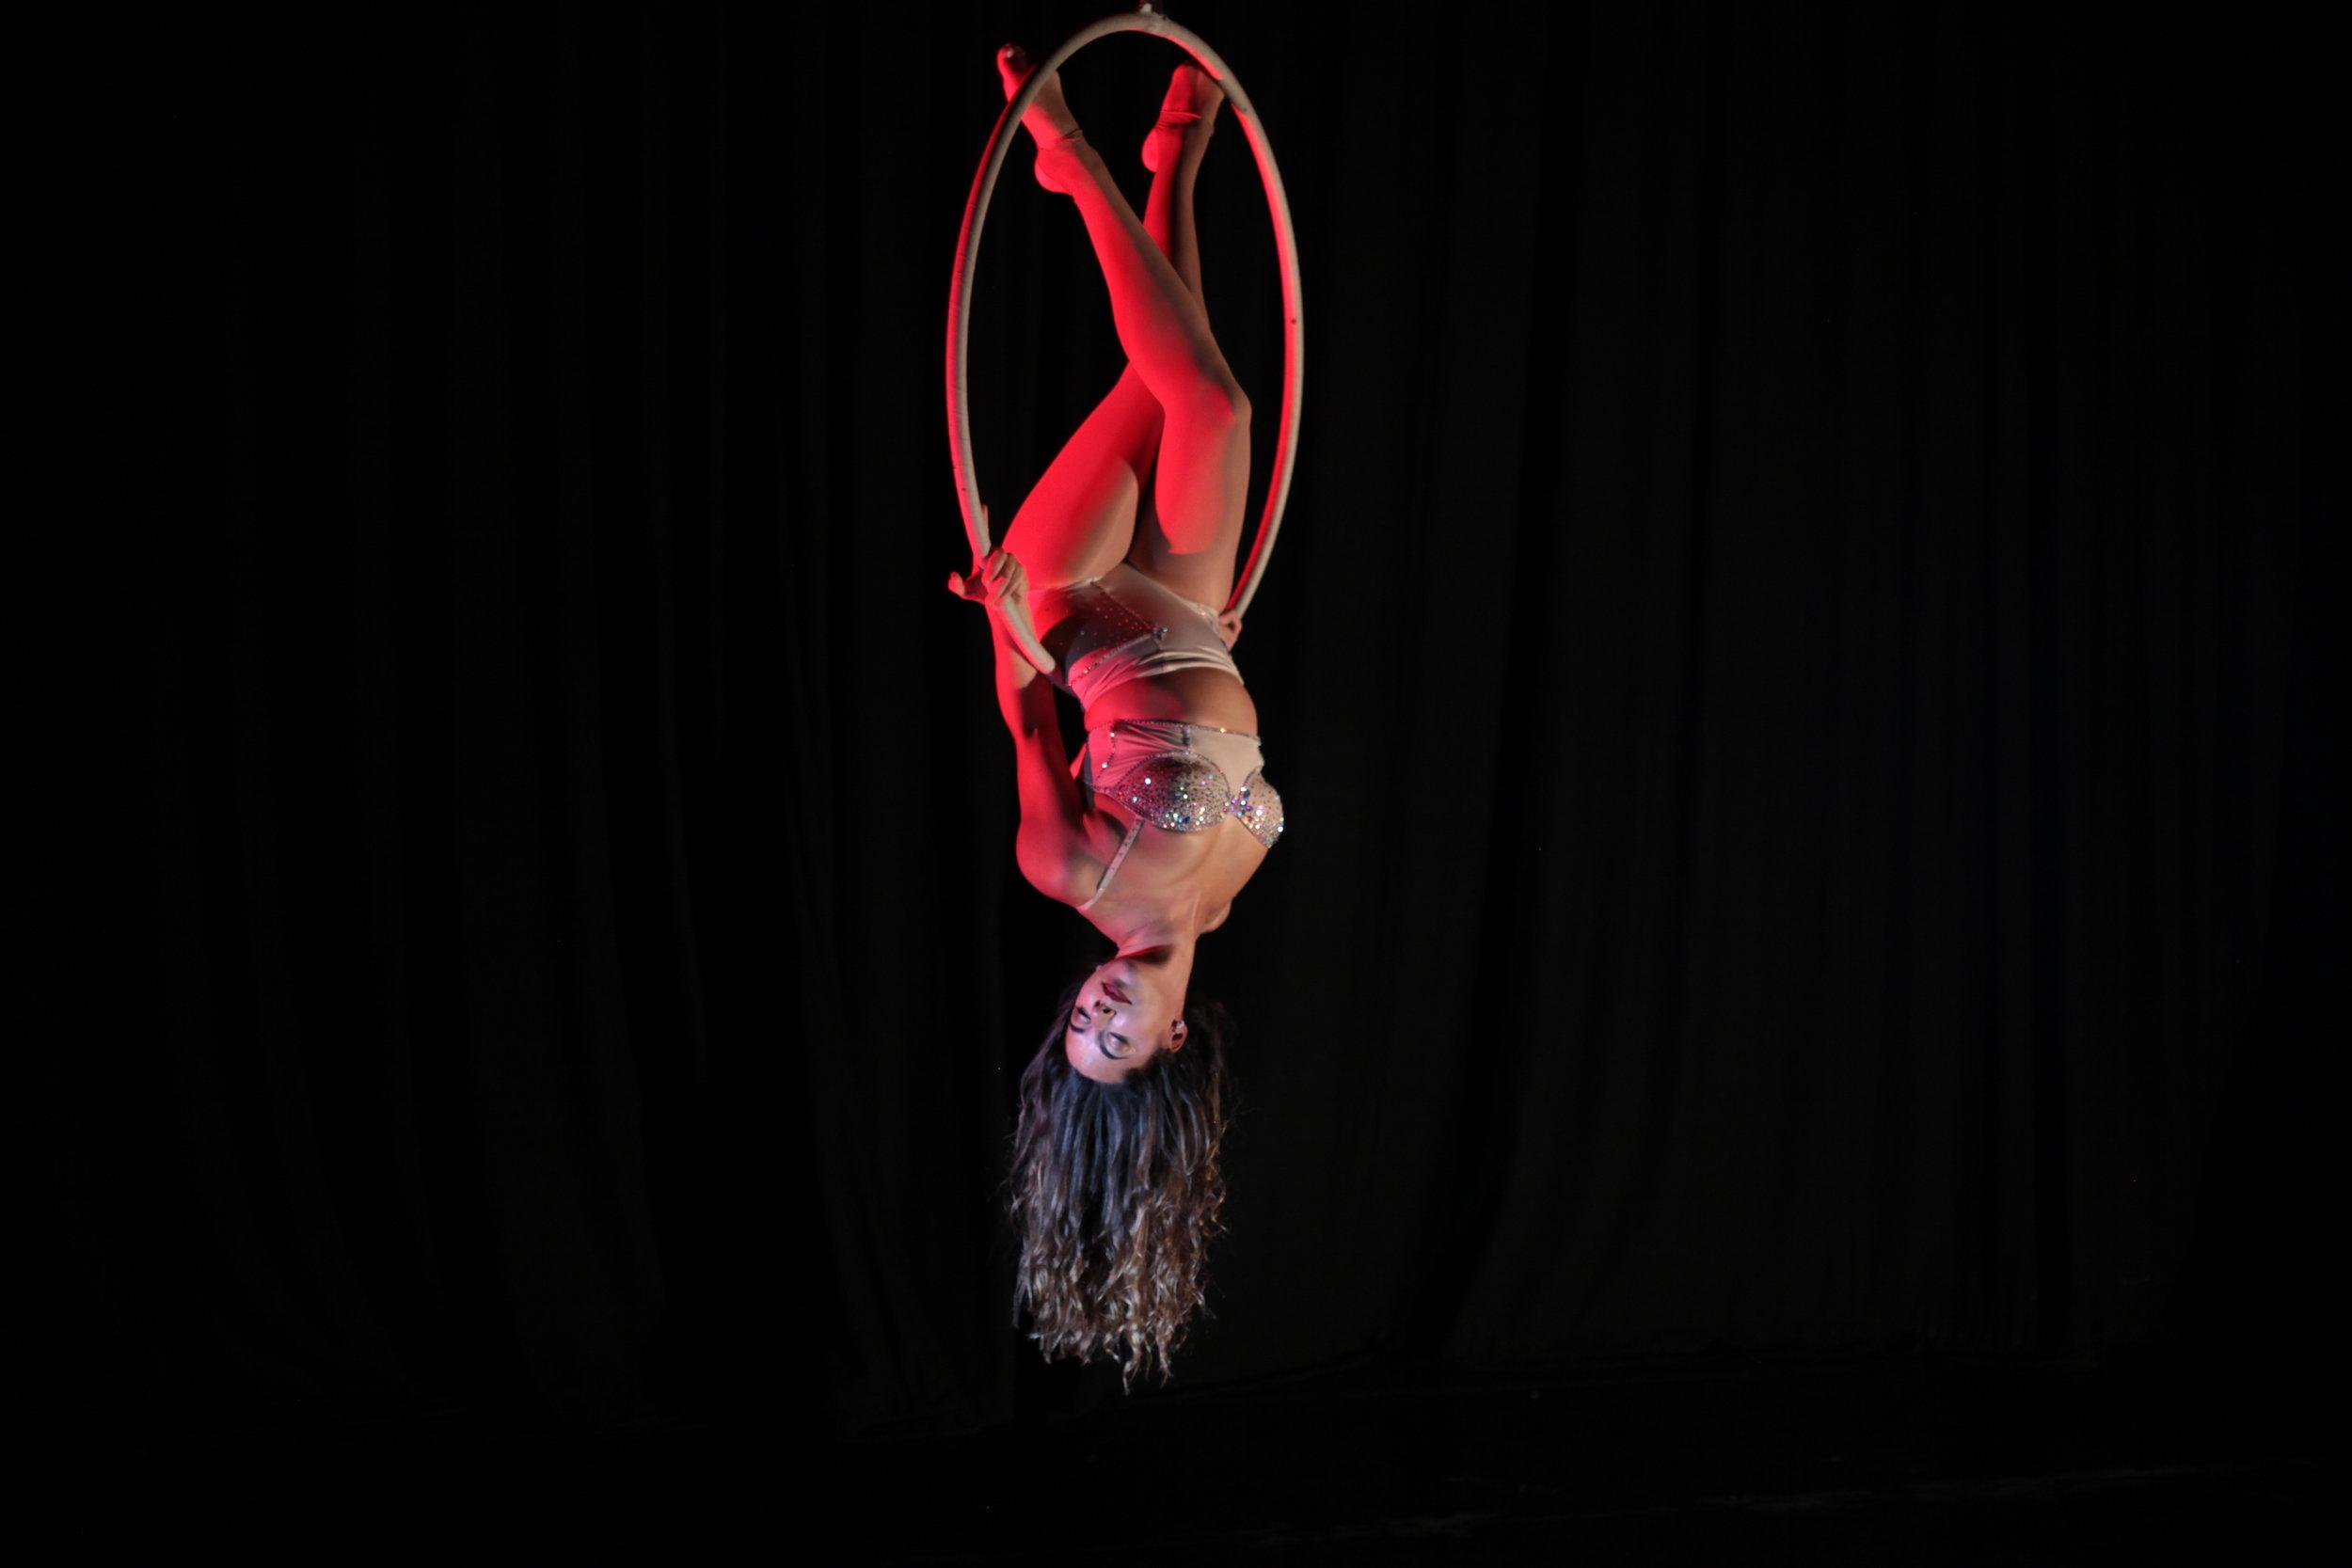 Leyla aerial hoop 1.JPG